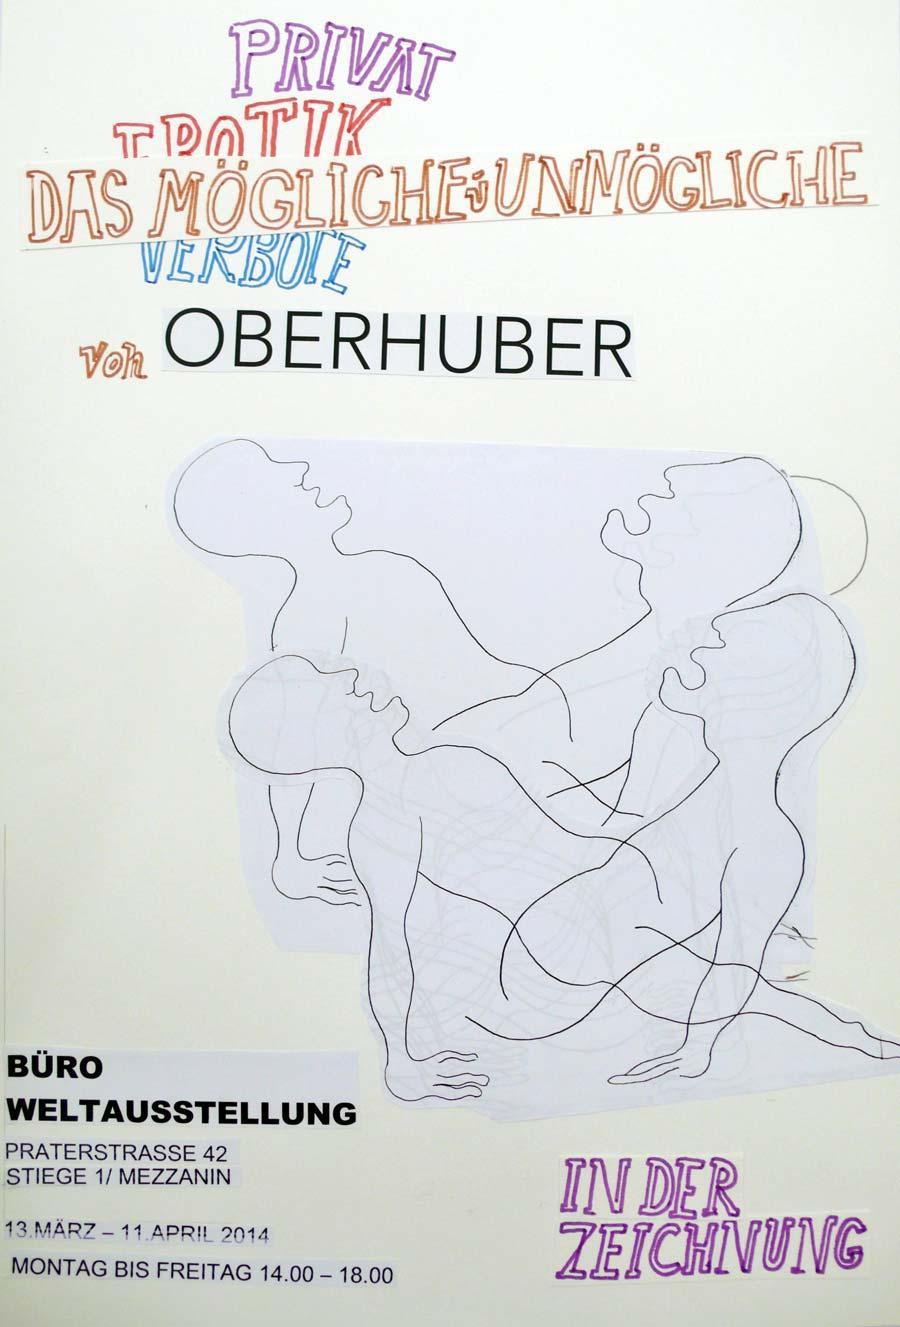 """""""Privat Erotik Verbote – Das Mögliche und Unmögliche von Oberhuber in der Zeichnung"""", 2013, Mischtechnik auf Papier"""